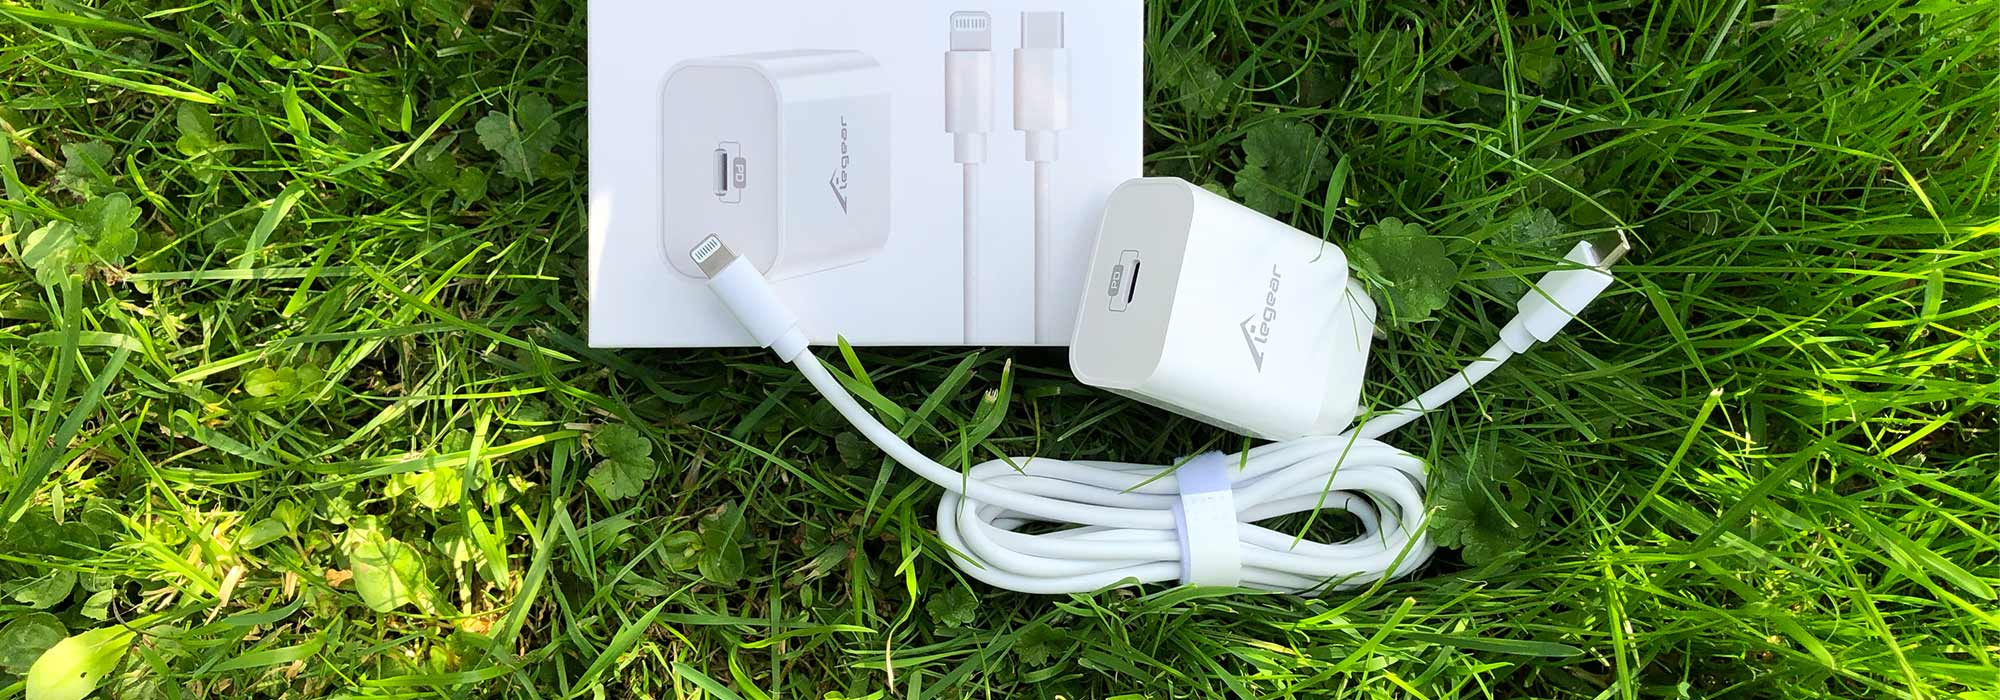 Im Test: Elegear USB-C iPhone Schnellladegerät